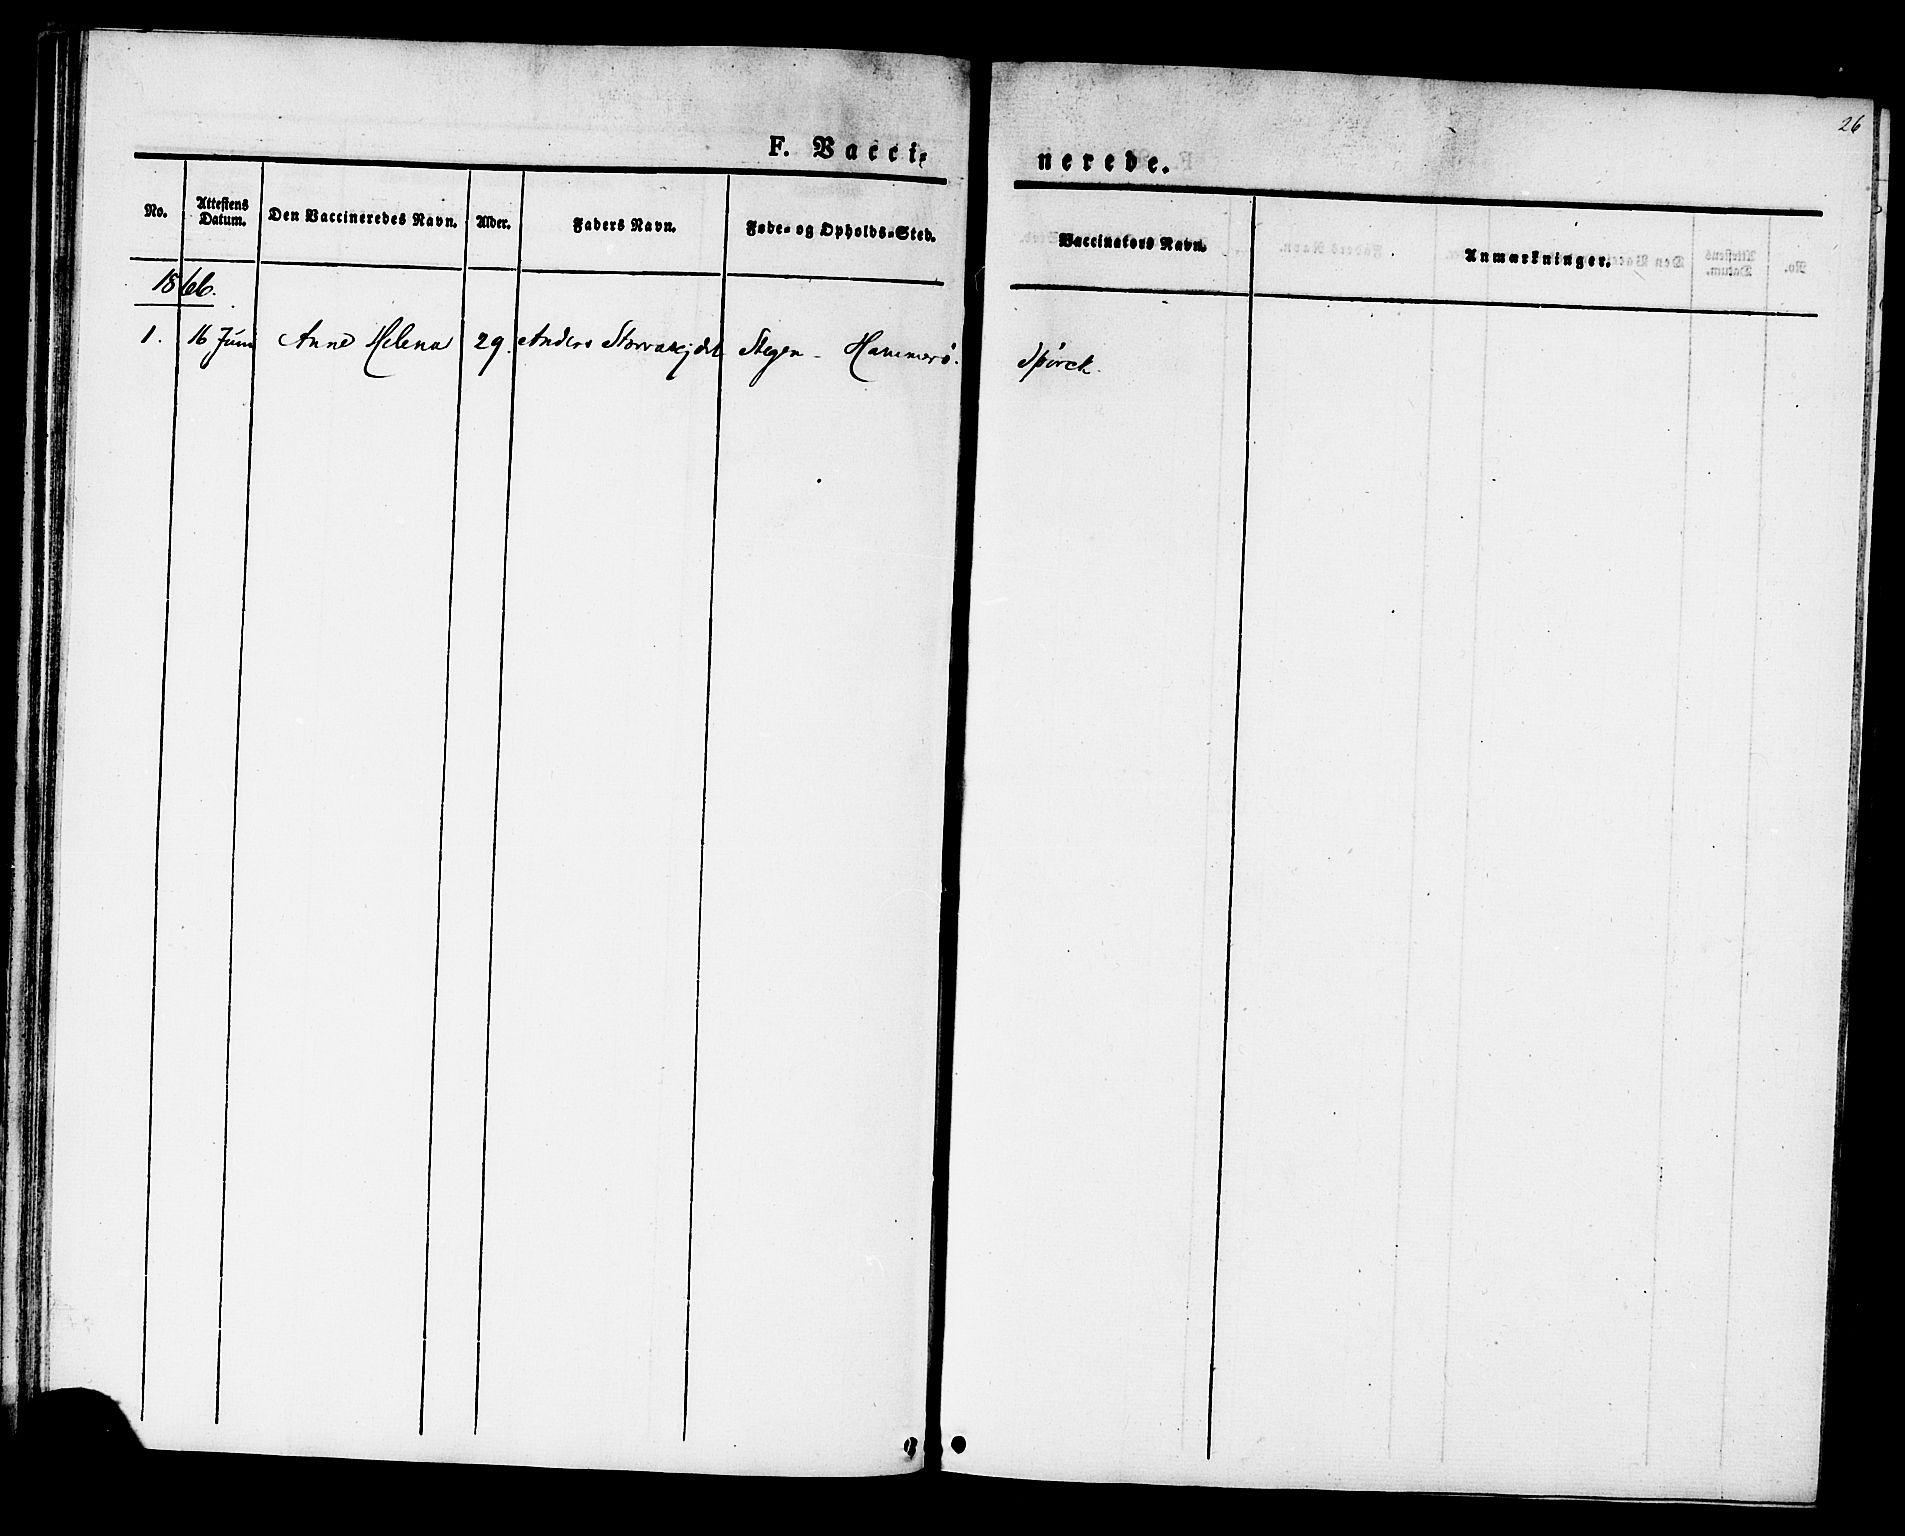 SAT, Ministerialprotokoller, klokkerbøker og fødselsregistre - Sør-Trøndelag, 624/L0481: Ministerialbok nr. 624A02, 1841-1869, s. 26